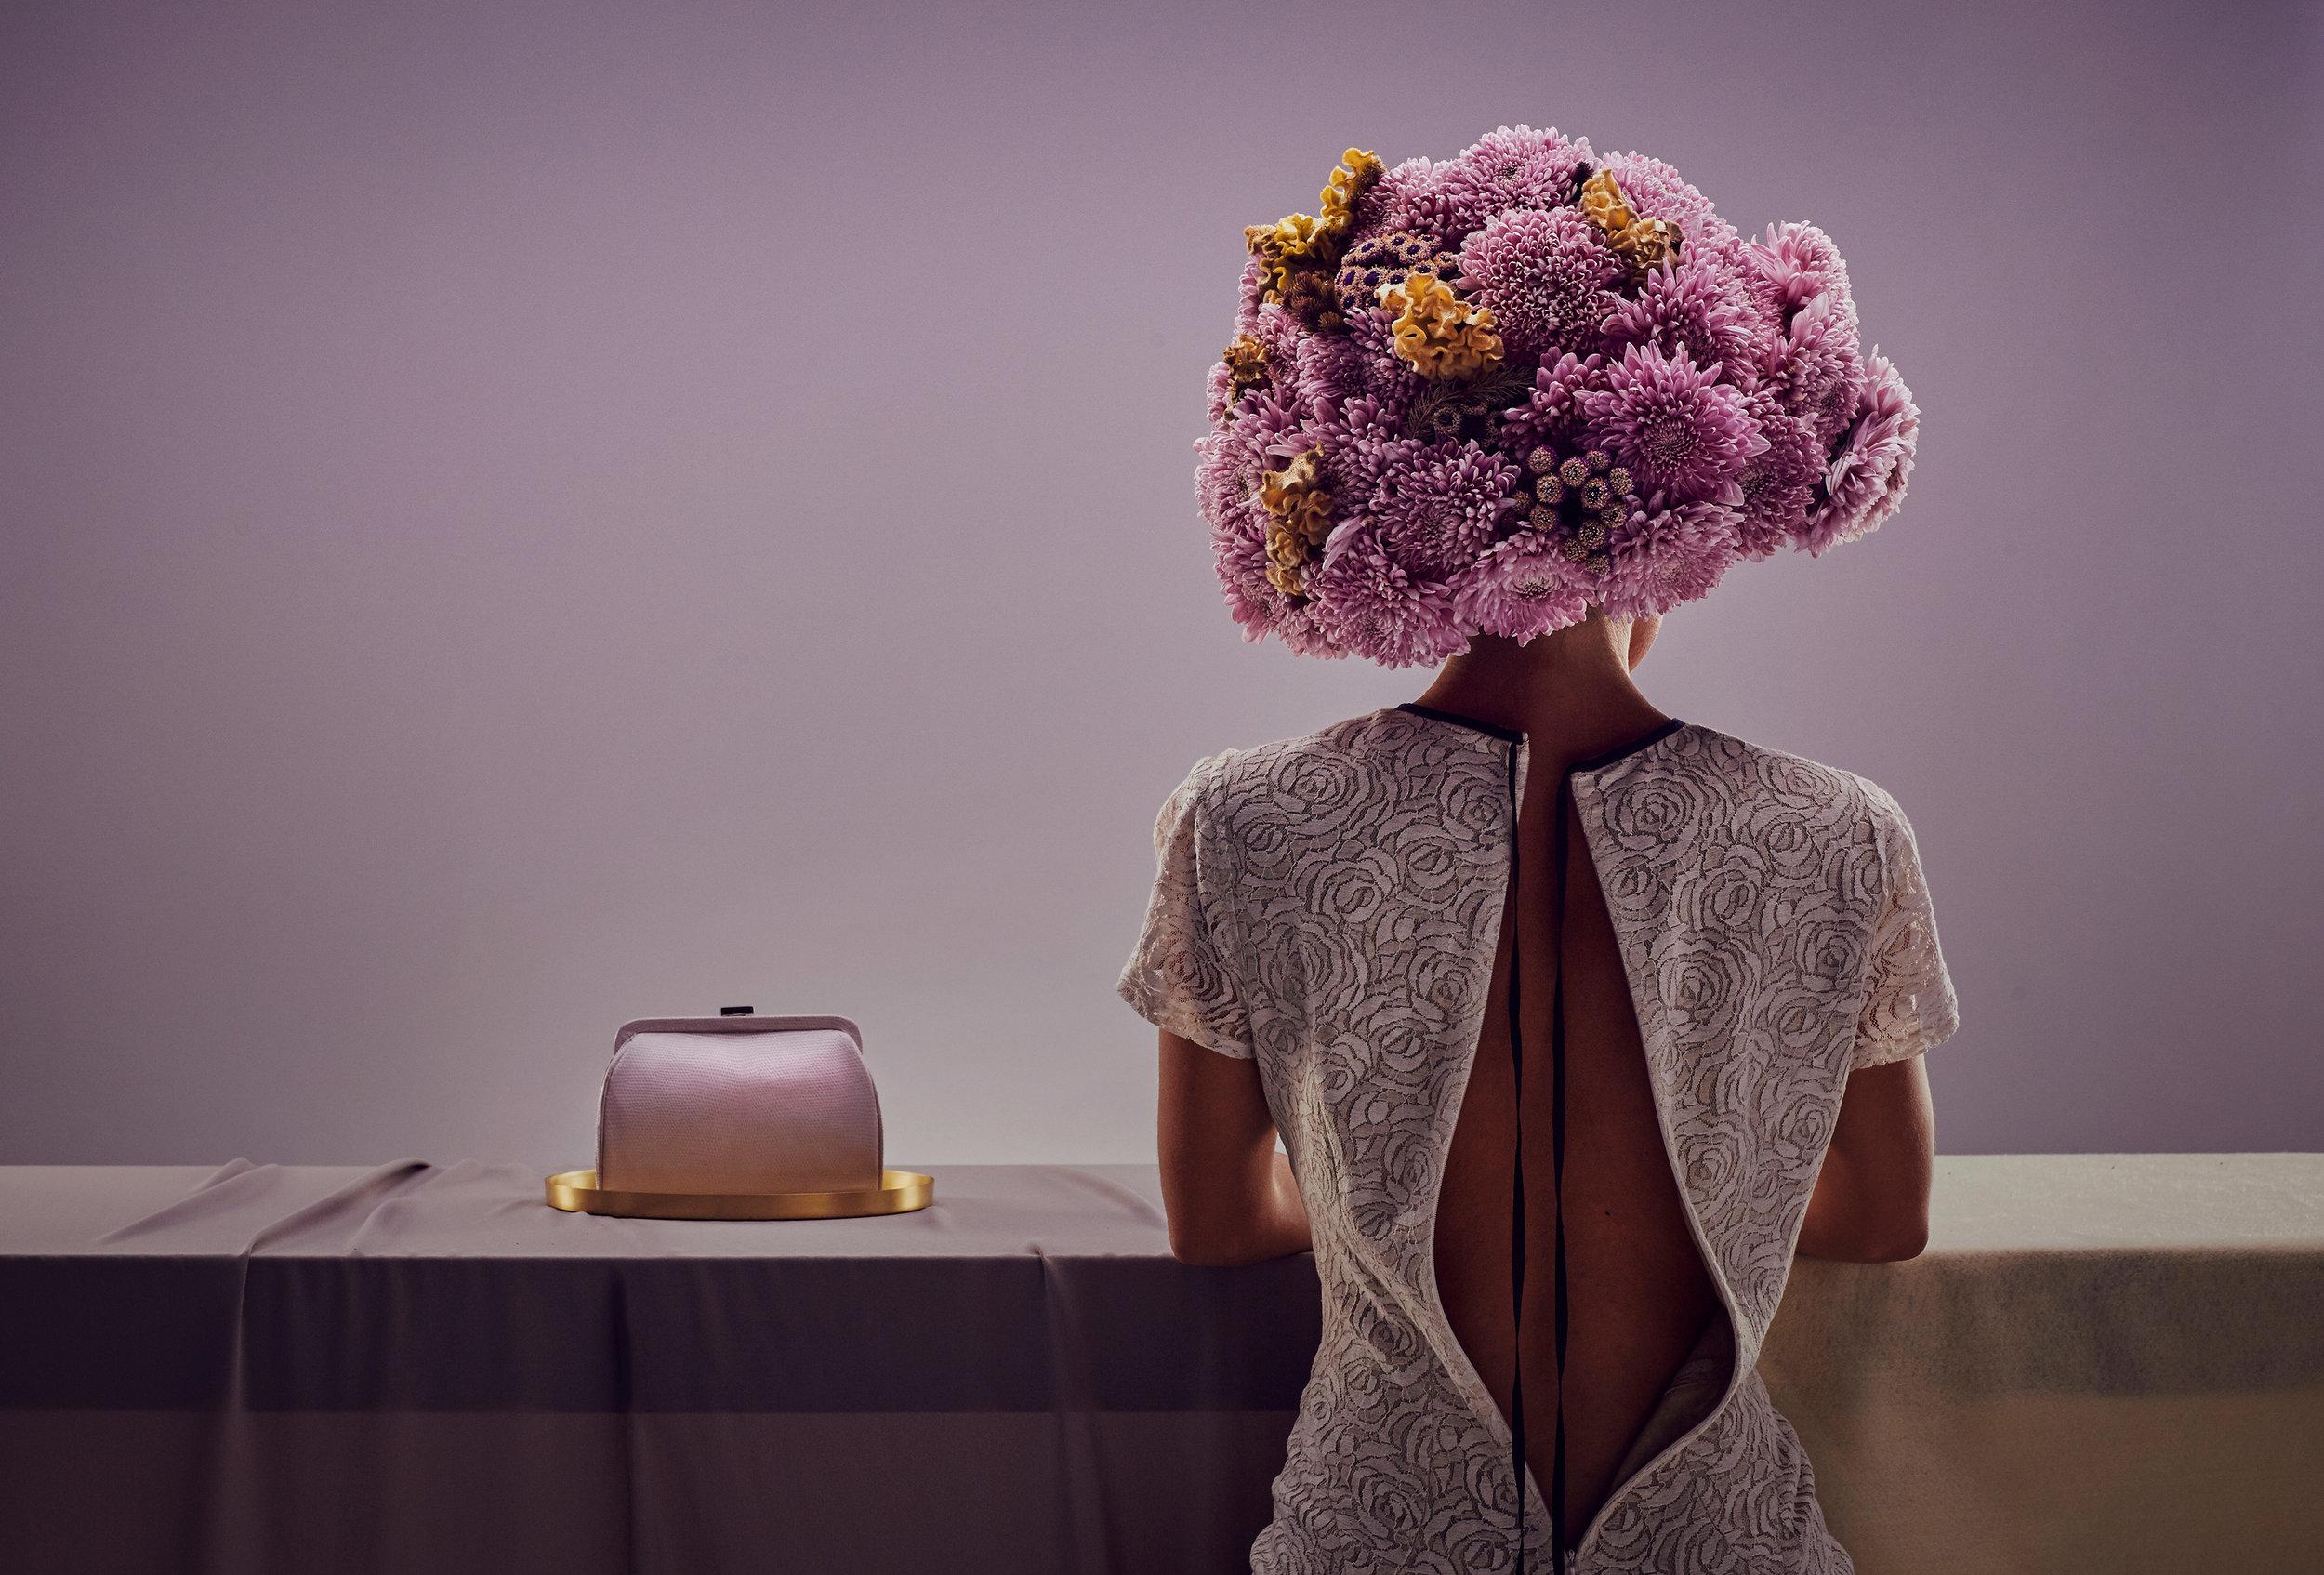 Flowerhead-1.jpg